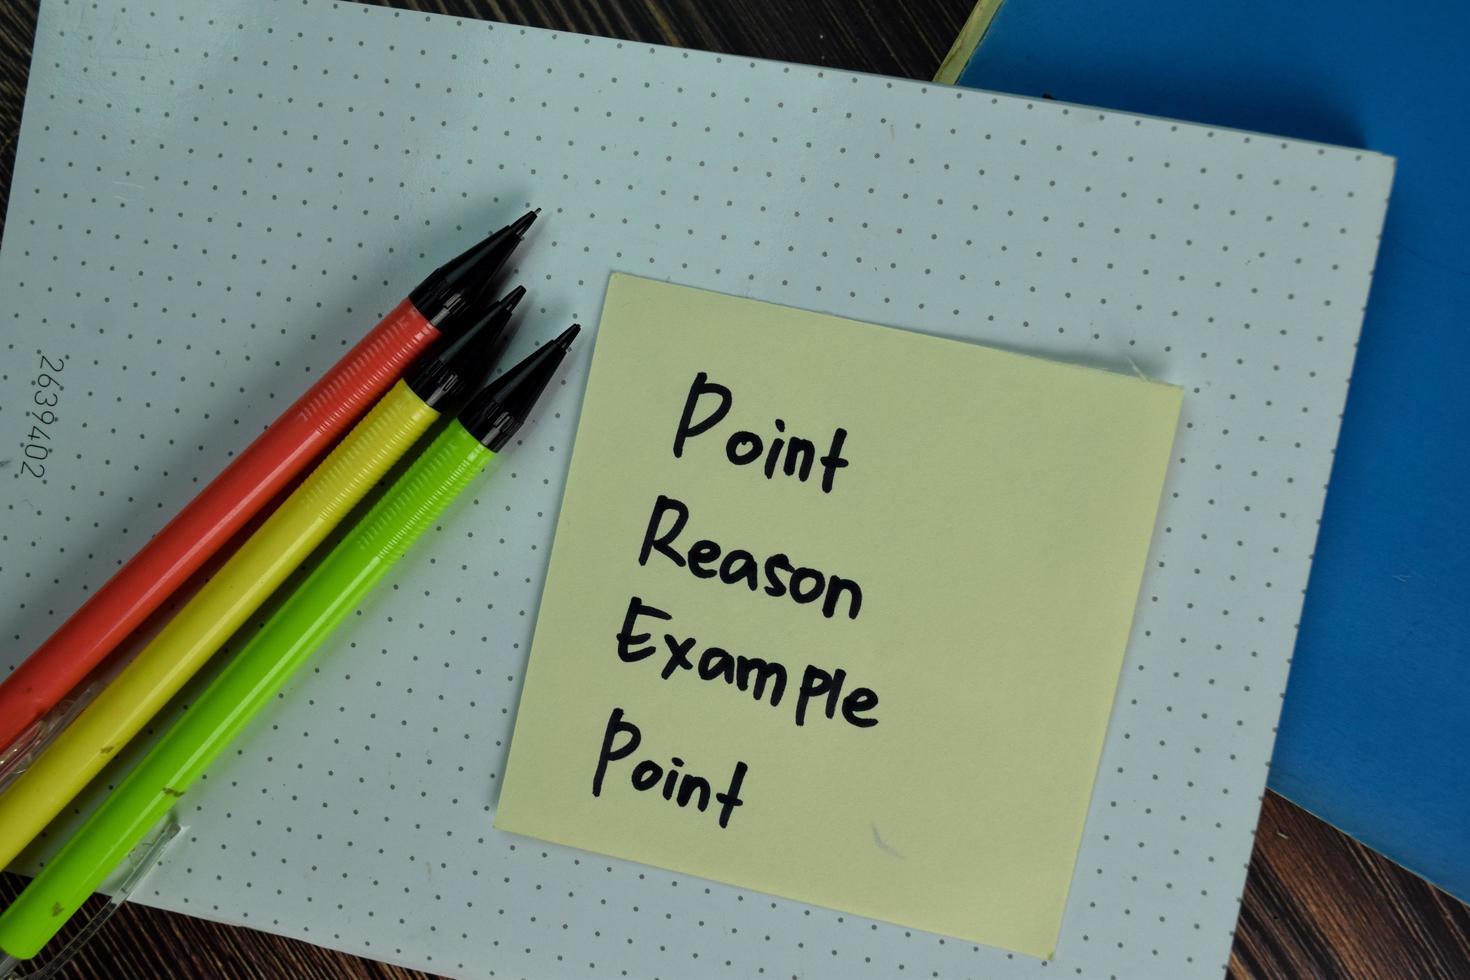 punkt skäl exempel punkt skrivet på fästis isolerad på träbord foto